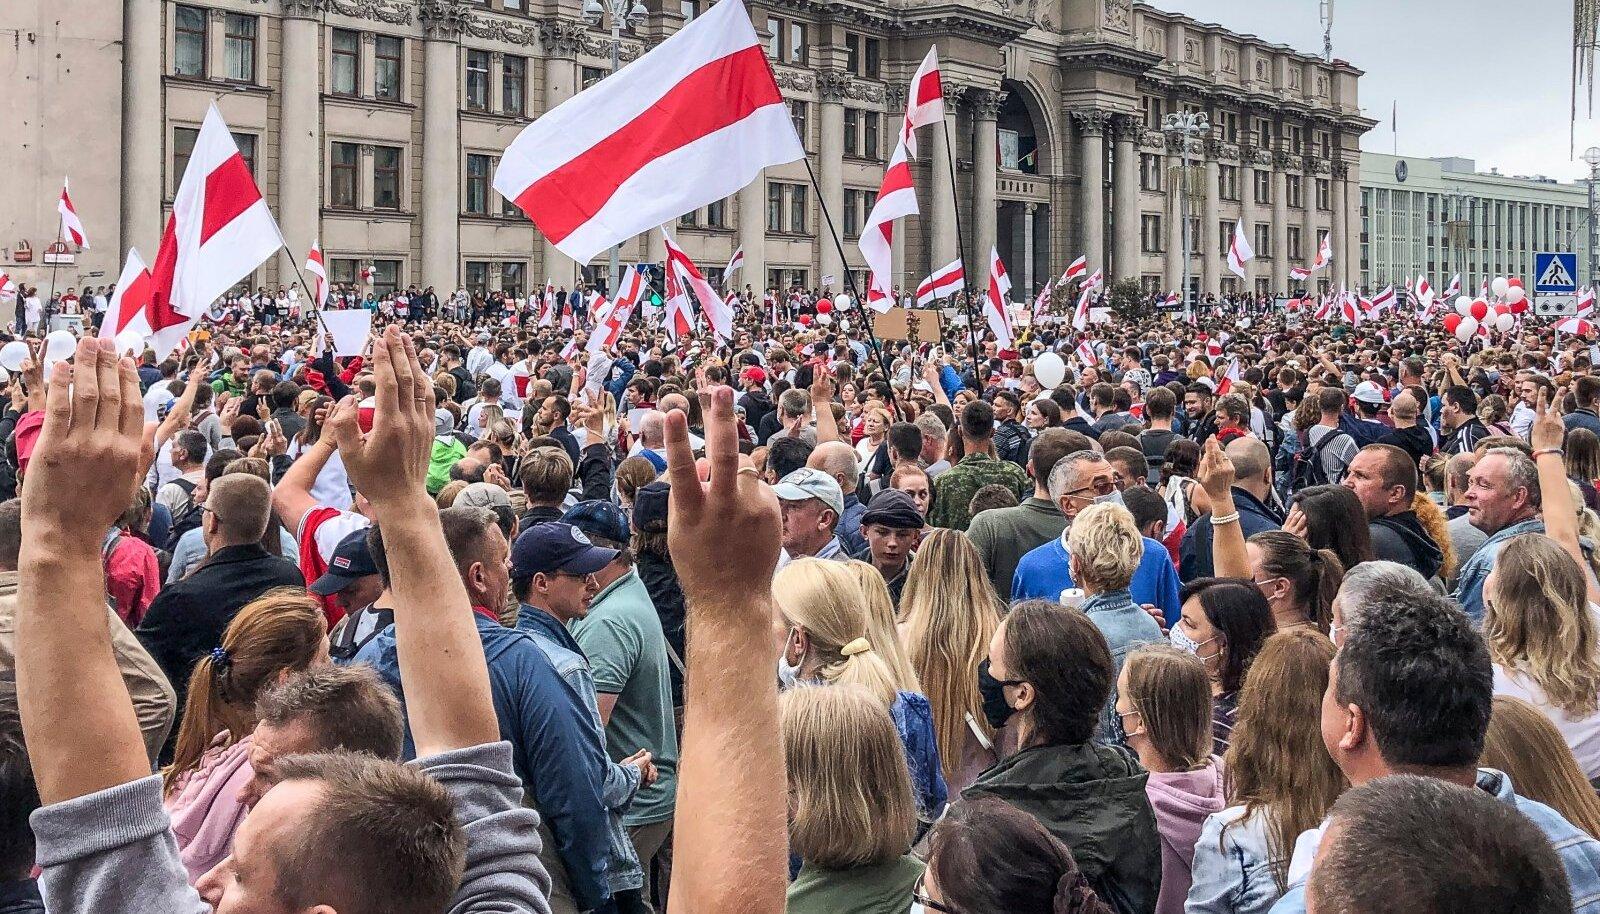 Minsk 23. augustil. Algul lasti meeleavaldustel Valgevenes toimuda suuremate takistusteta, ent seejärel algasid repressioonid.